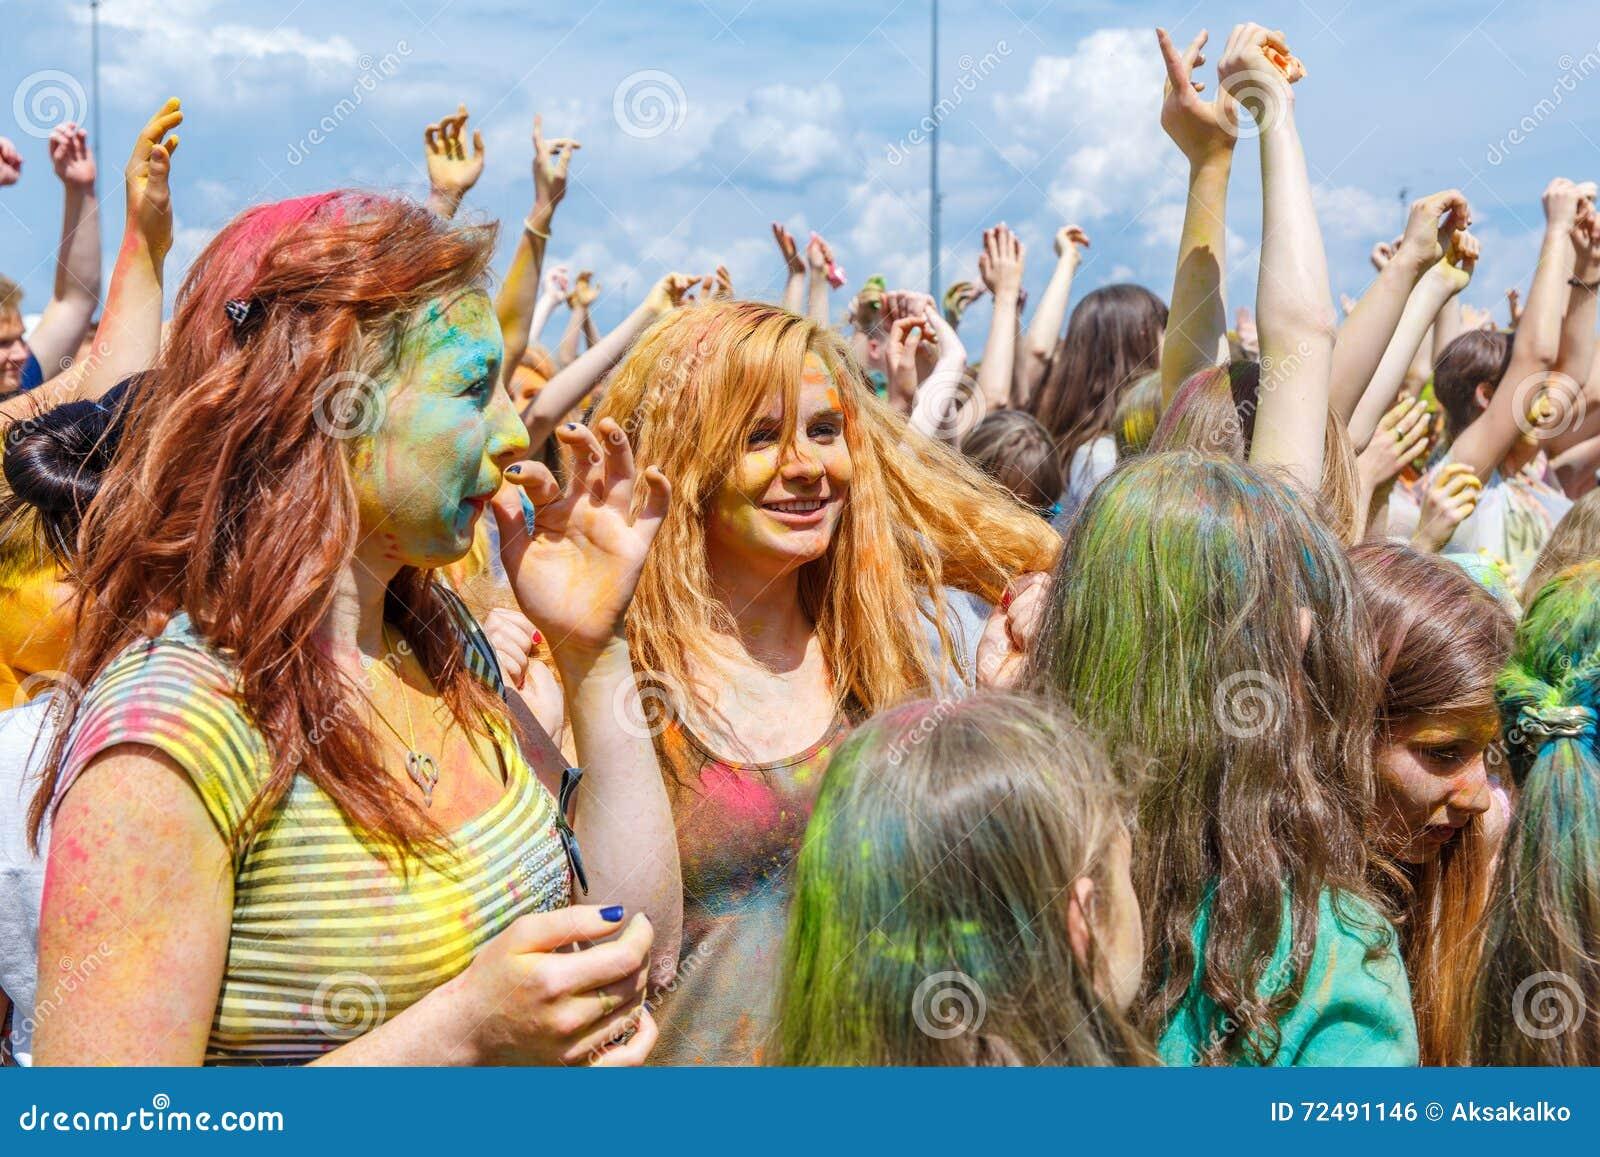 El festival anual de los colores ColorFest